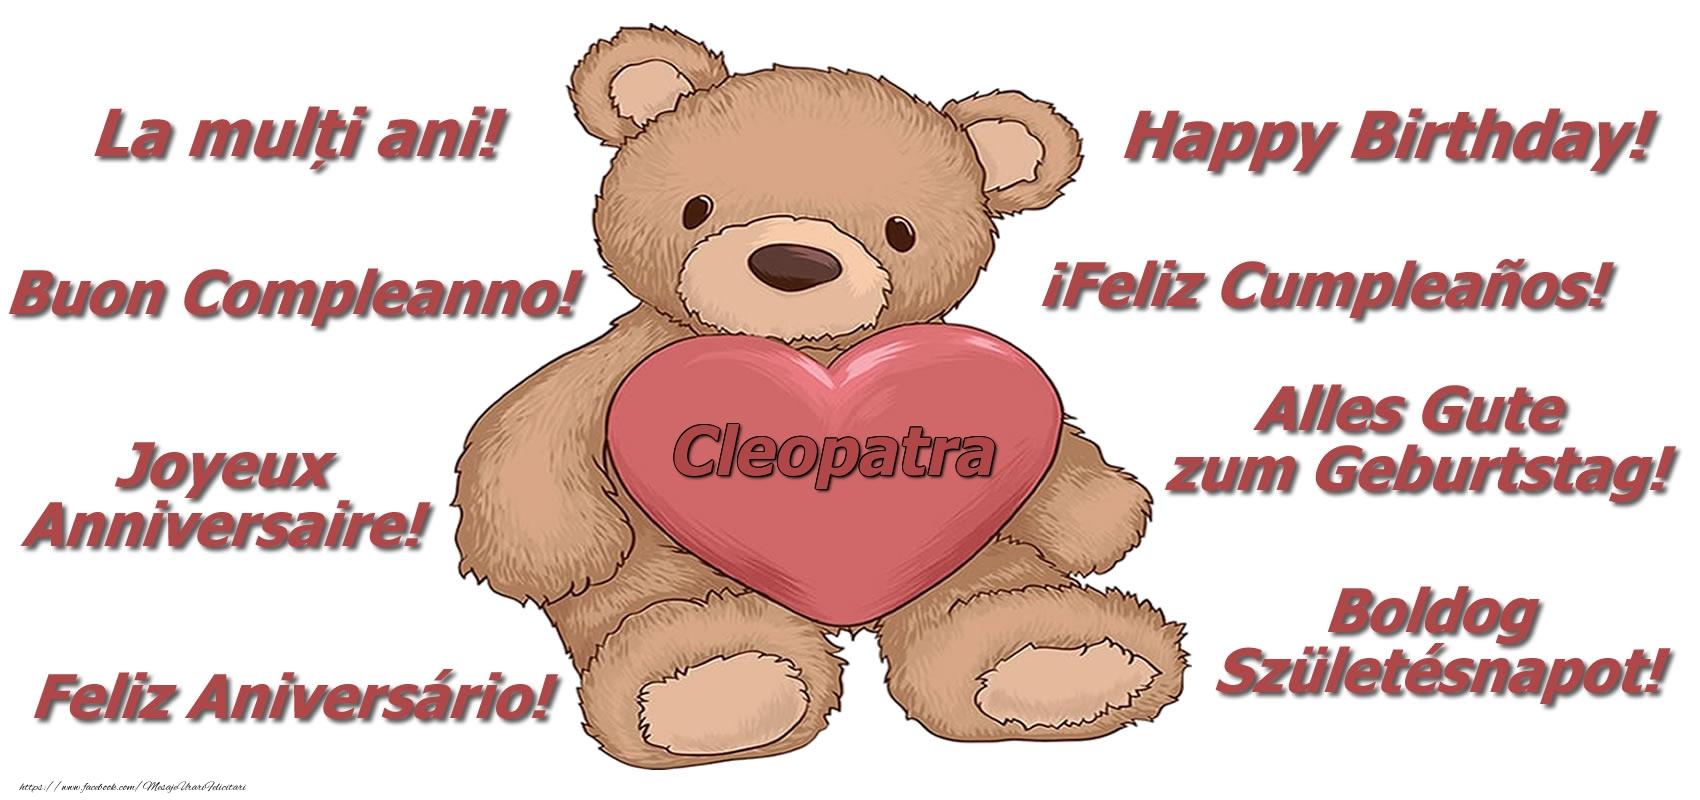 Felicitari de zi de nastere - La multi ani Cleopatra! - Ursulet